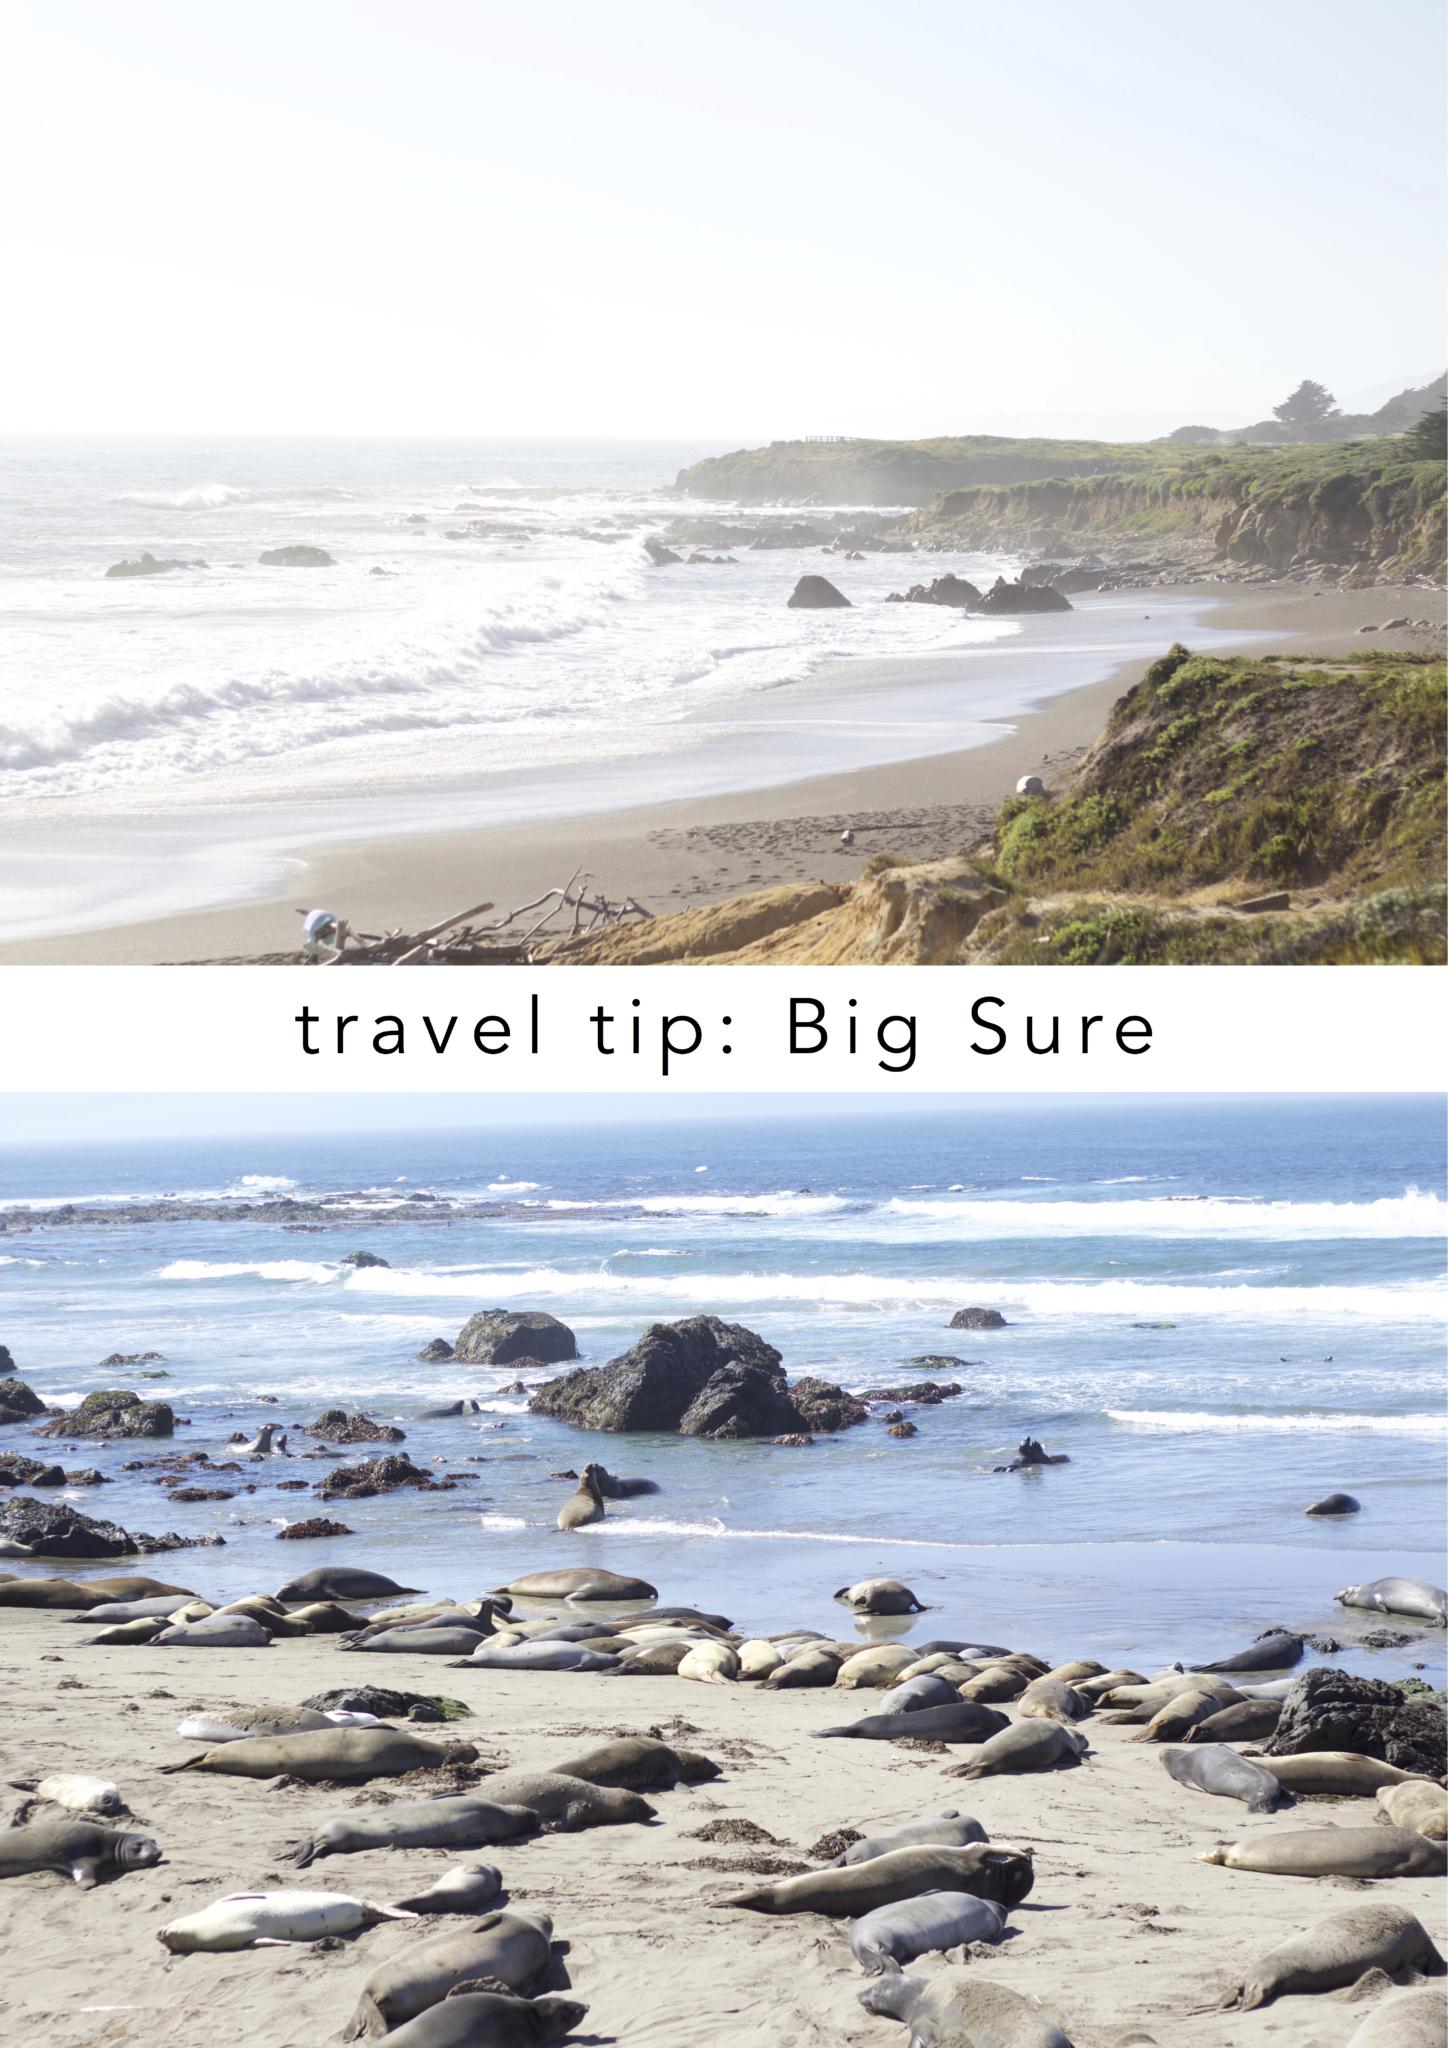 """Beitrag: """"travel thoughts: Wenn du bereits am ersten Tag angekommen bist"""" mit Reisetipps Highways Nummer 1 und 101 entlang der kalifornischen Küste - Reisetipps Big Sure und die See Elefanten"""